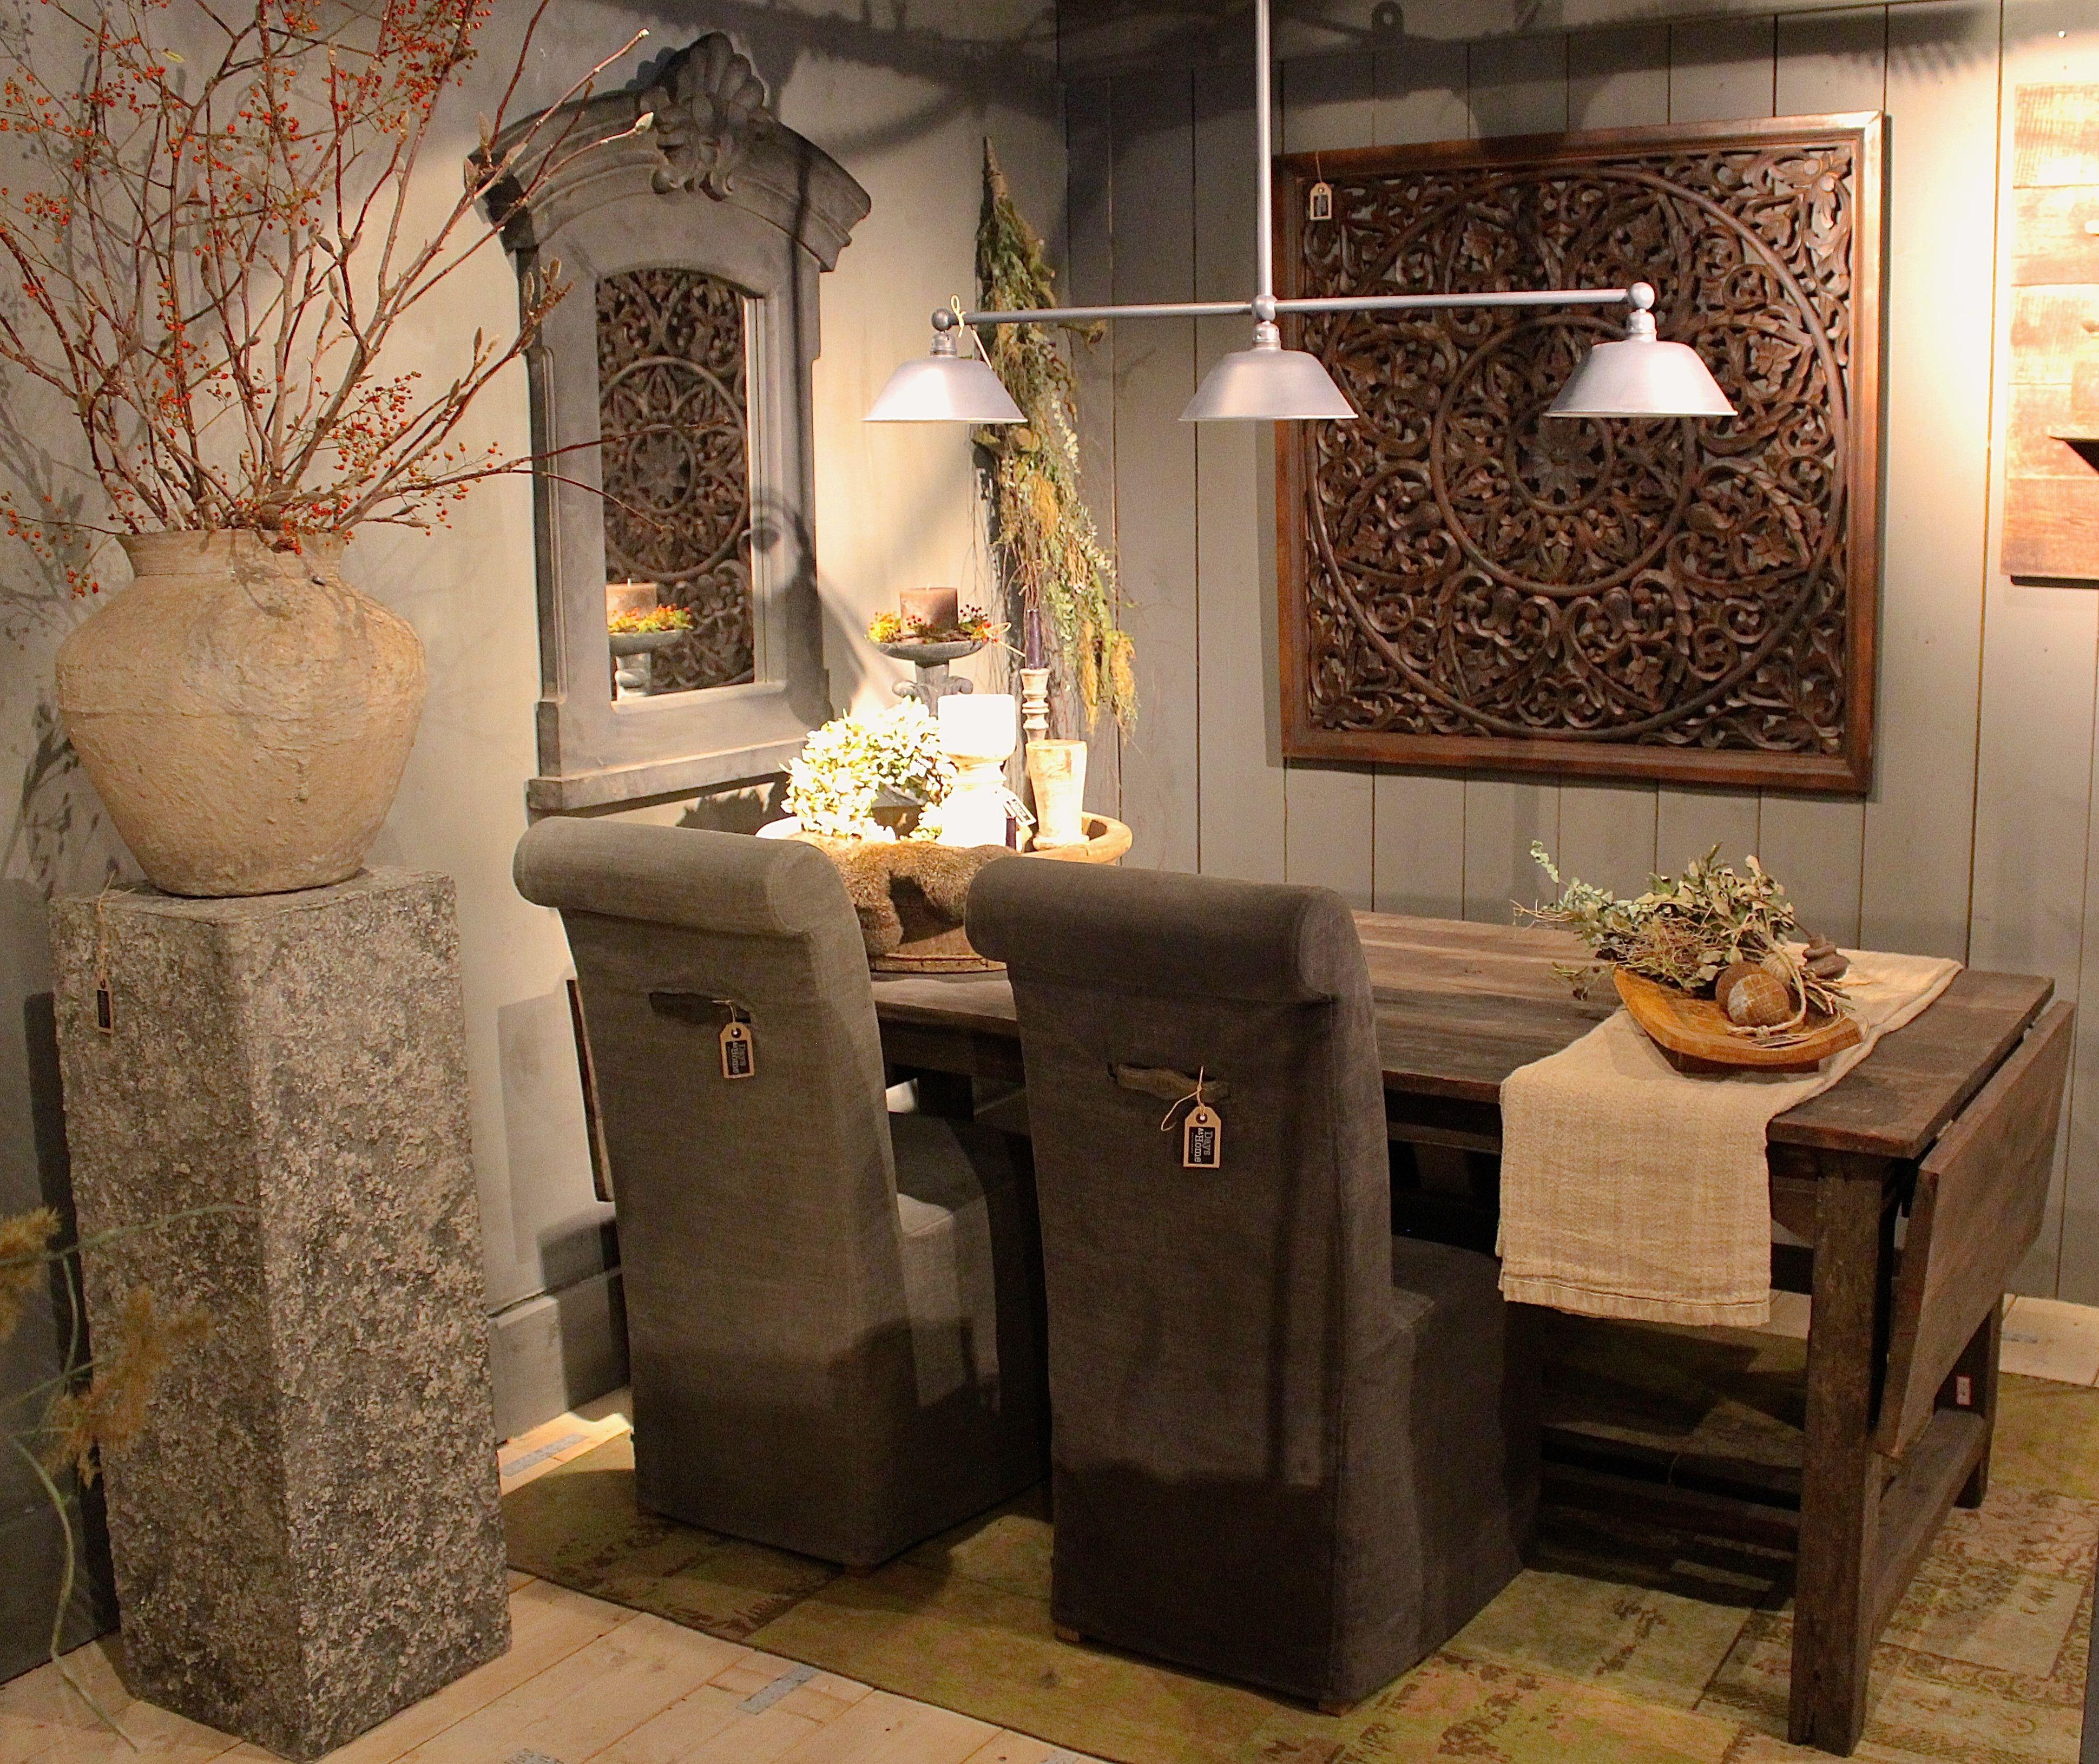 Eettafel en eetkamerstoelen, kruik en spiegel en groendecoratie van Hoffz bij Days At Home in